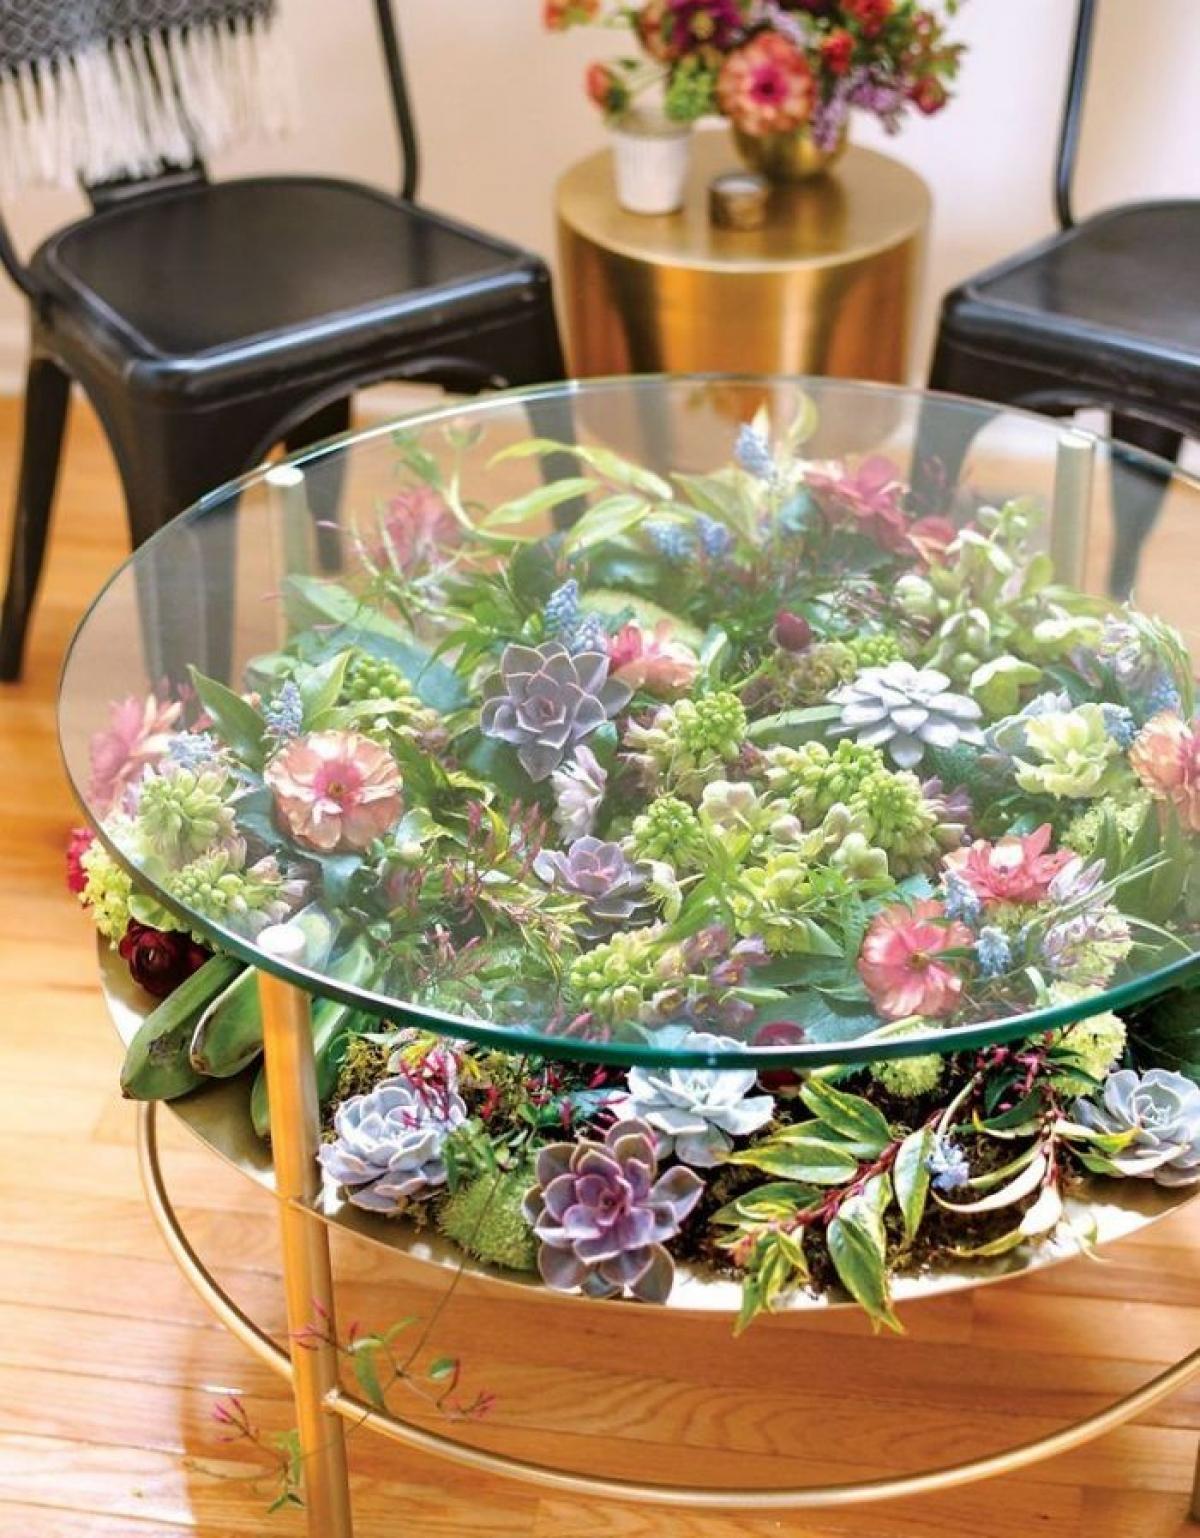 Những chiếc bàn phủ đầy cây hoa là xu hướng trang trí mới đang được ưa chuộng trên thế giới.